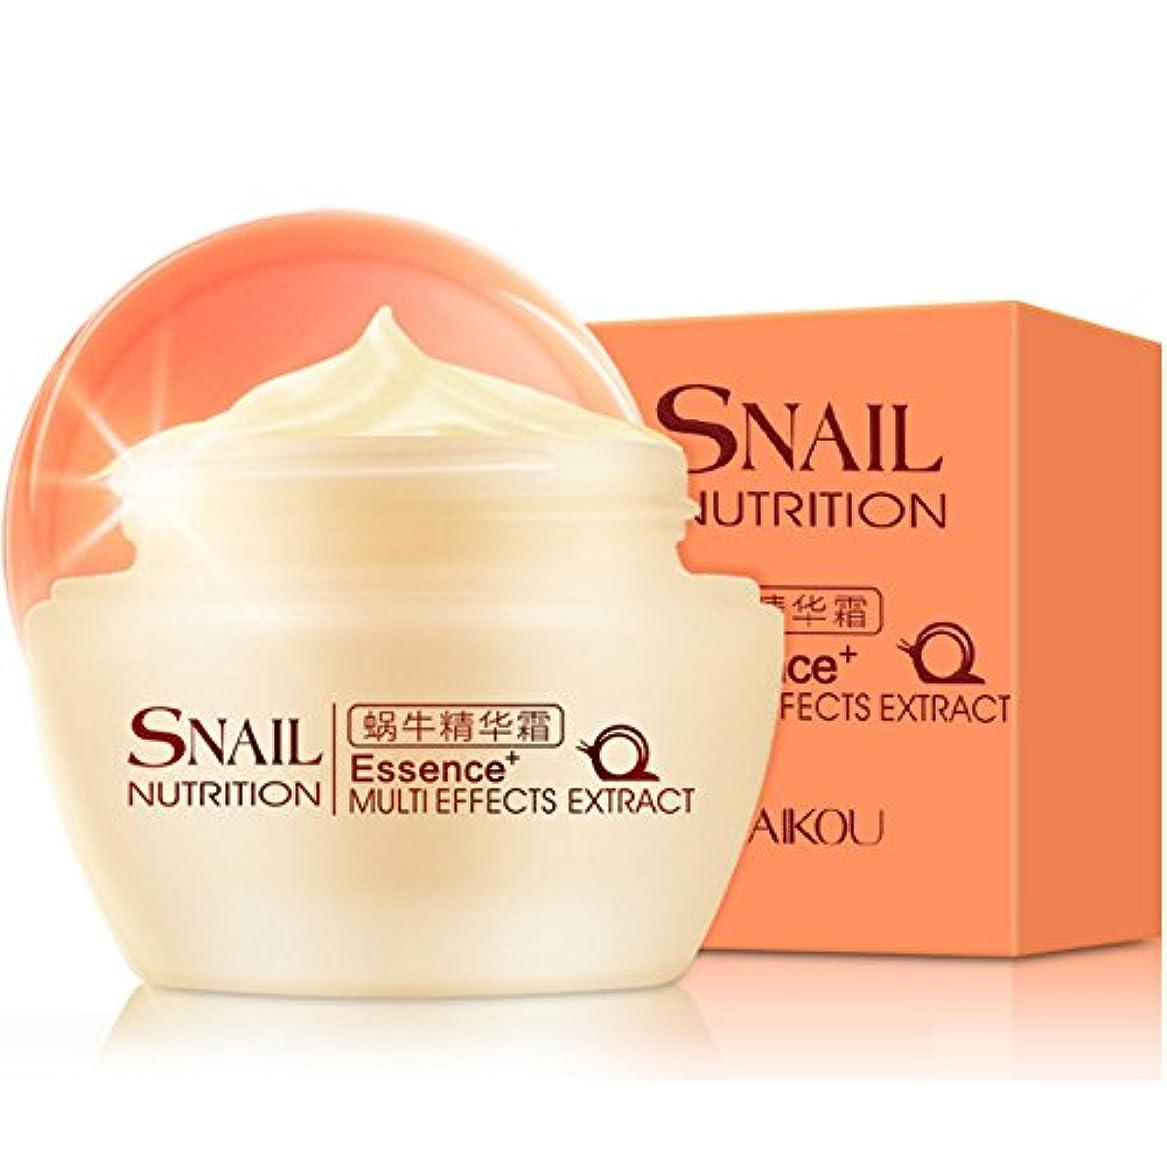 可塑性一貫したパドルカタツムリエキス ヒアルロン酸ビューティフェイスクリームフェイスケアホワイトニングモイスチャライジングフェイシャルスキン化粧品。